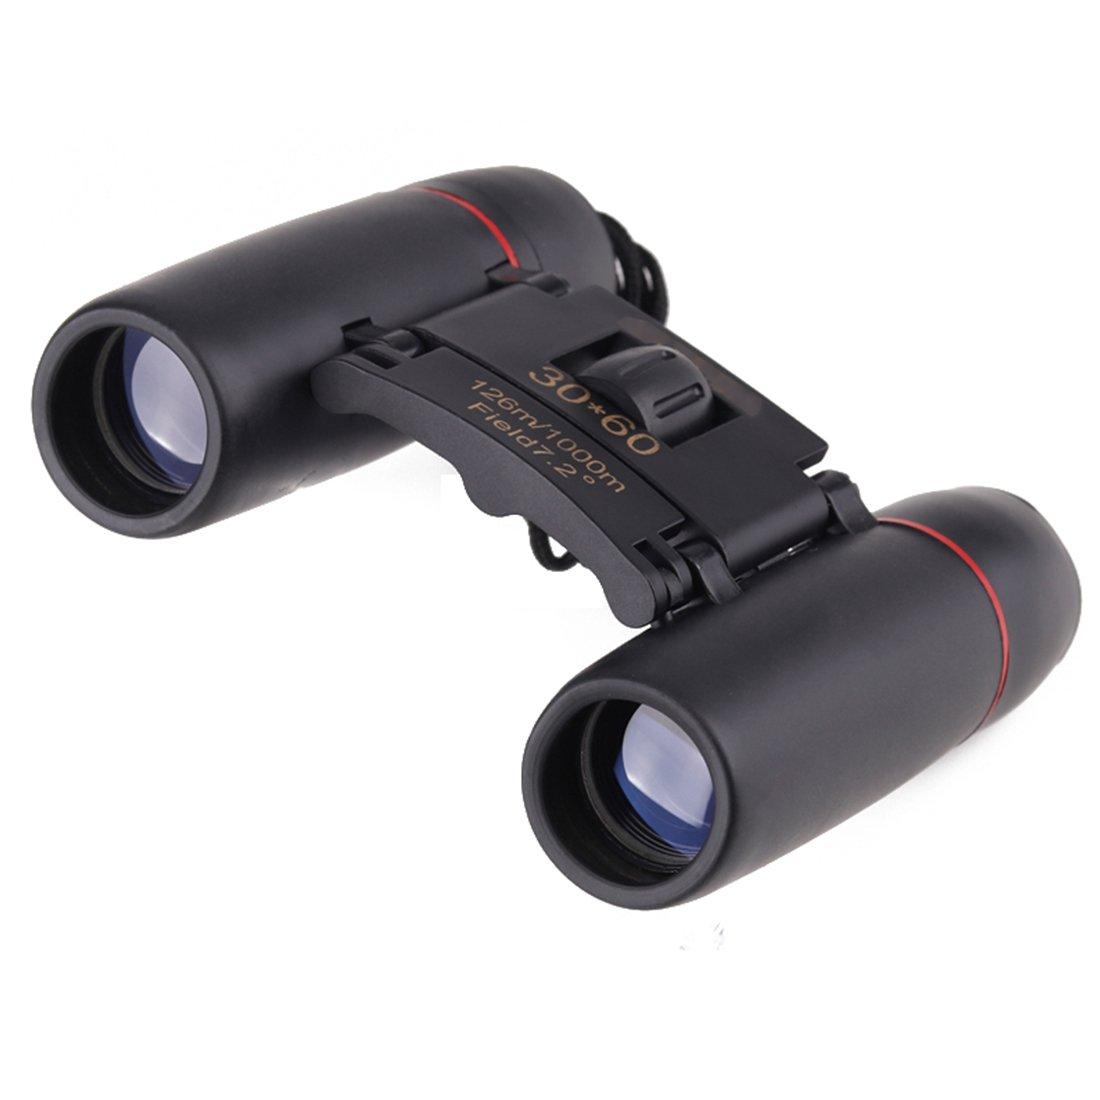 Chudaズーム望遠鏡30 x 60折りたたみ双眼鏡ローライトナイトビジョン屋外用Bird Watching旅行狩猟キャンプ2018 B07CCMDVK4  ブルー